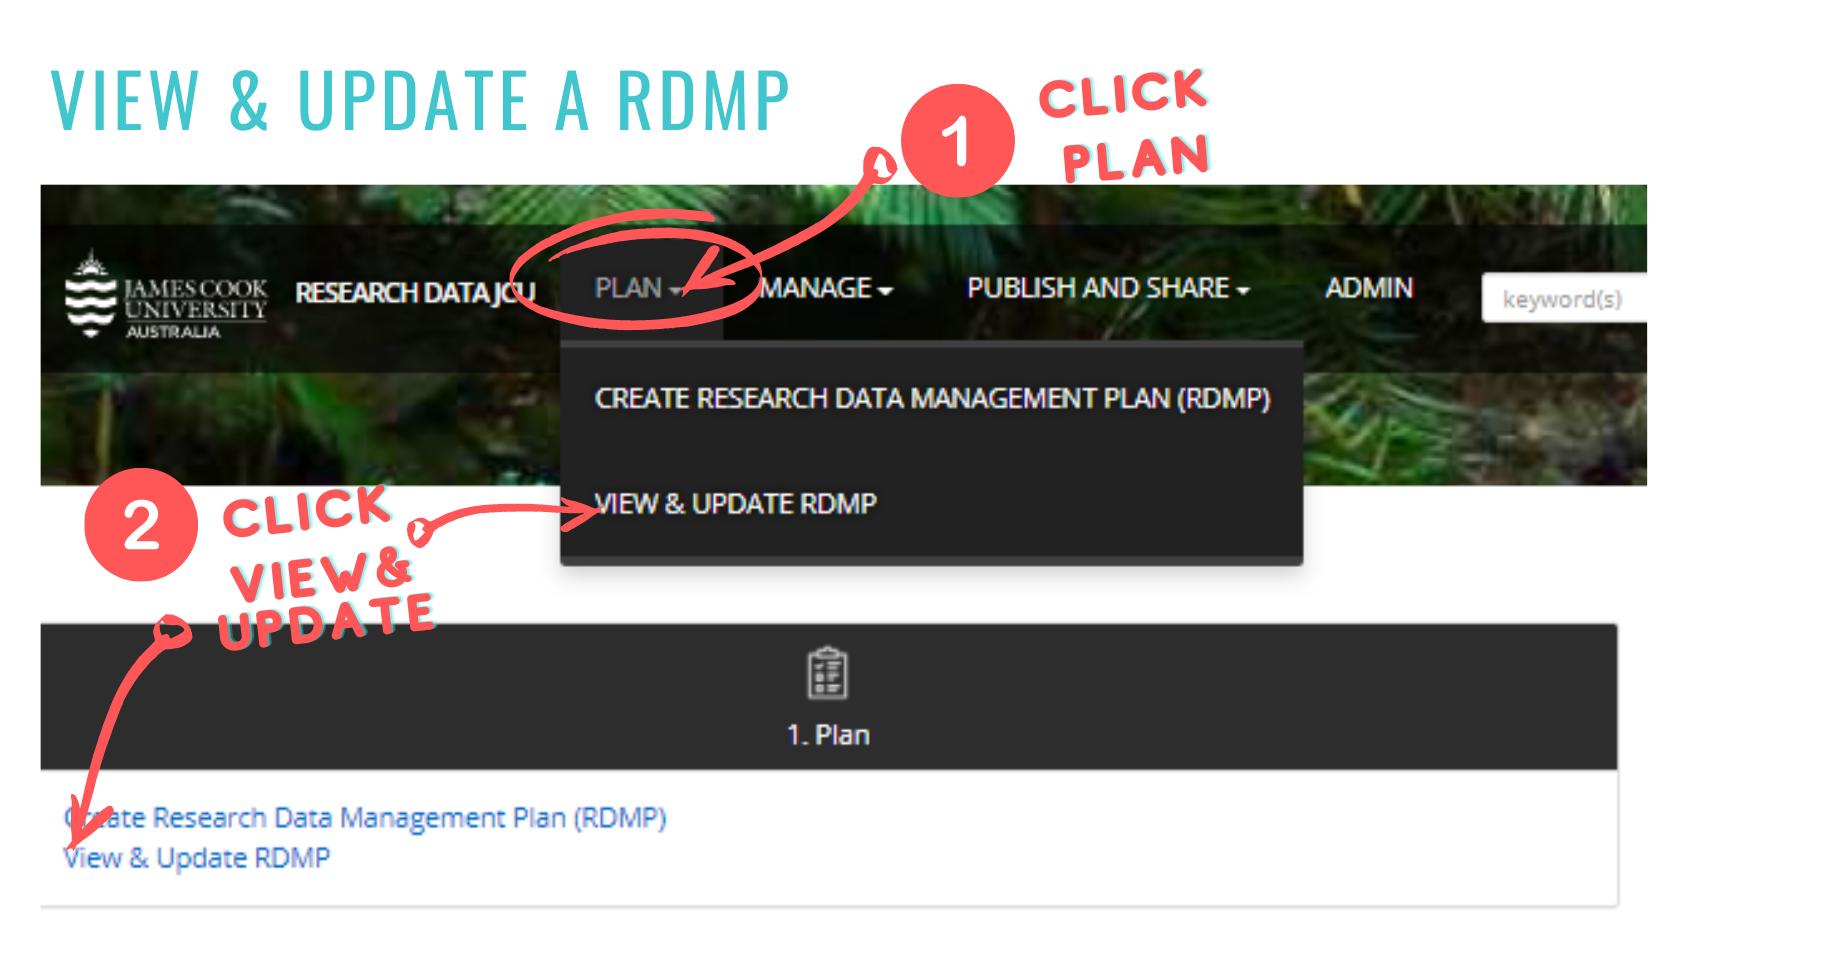 update plan screenshot